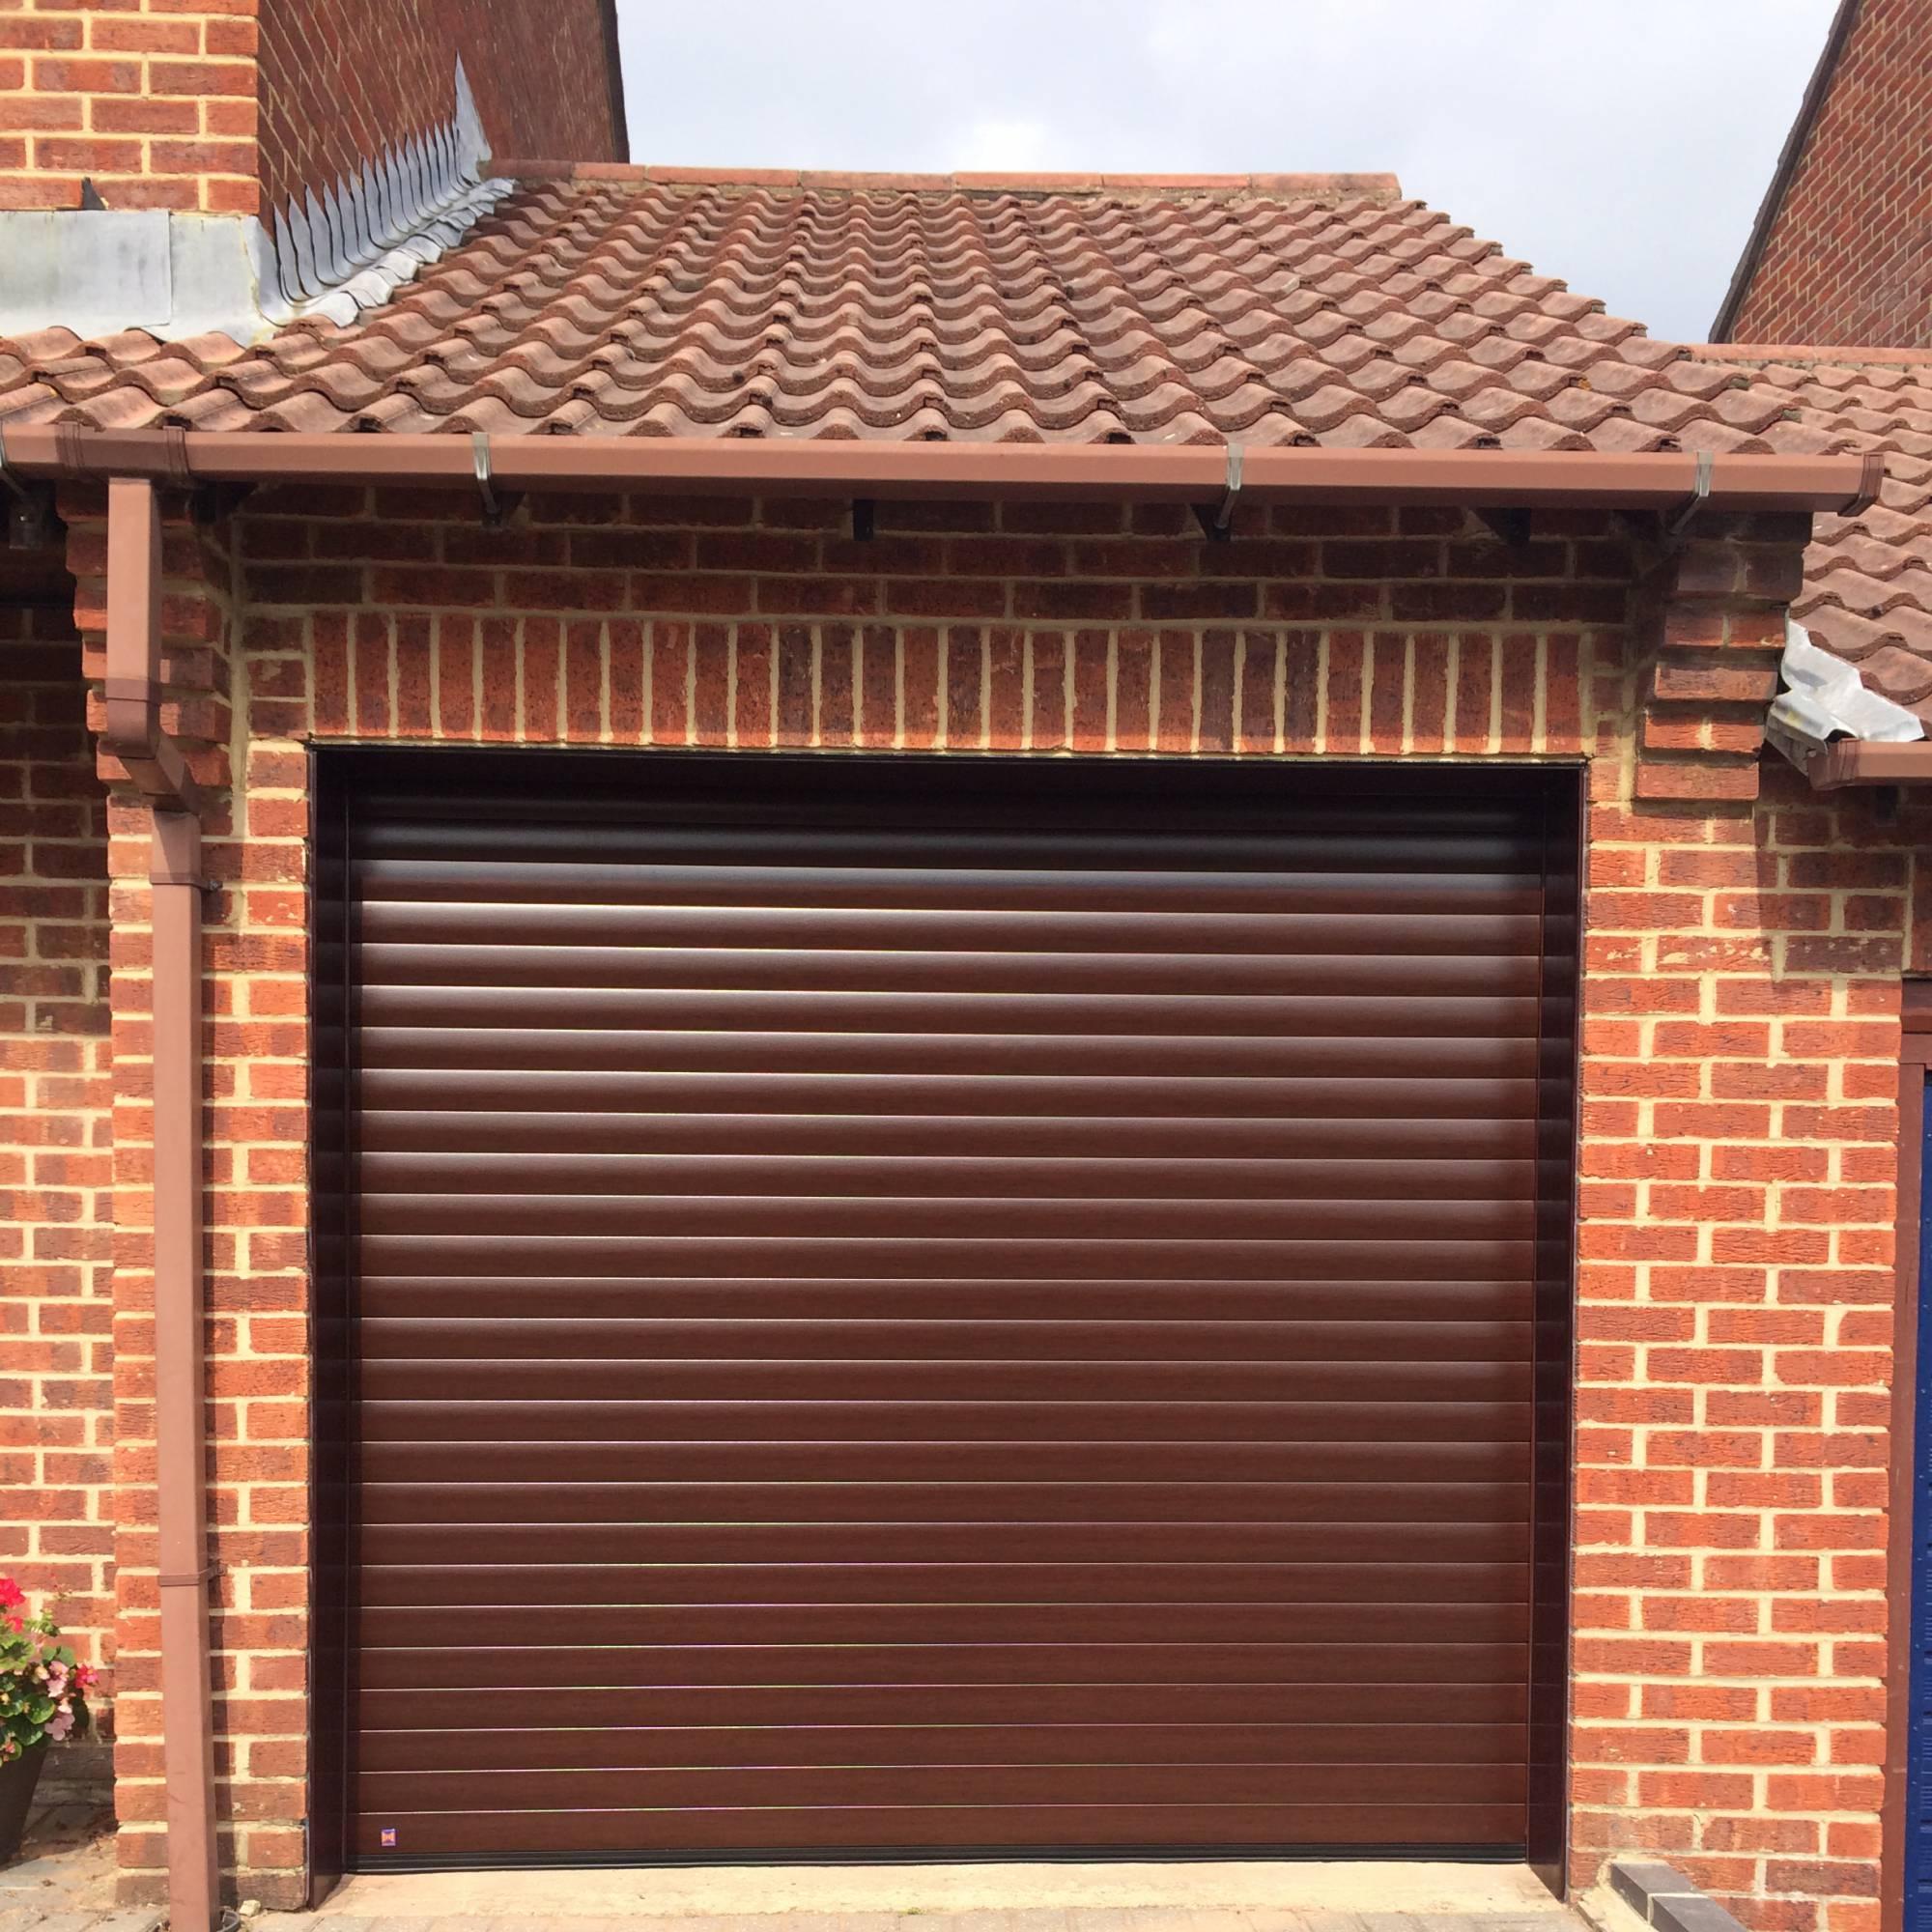 Photos Of Garage Doors Installed By South Shore Garage Doors Ltd